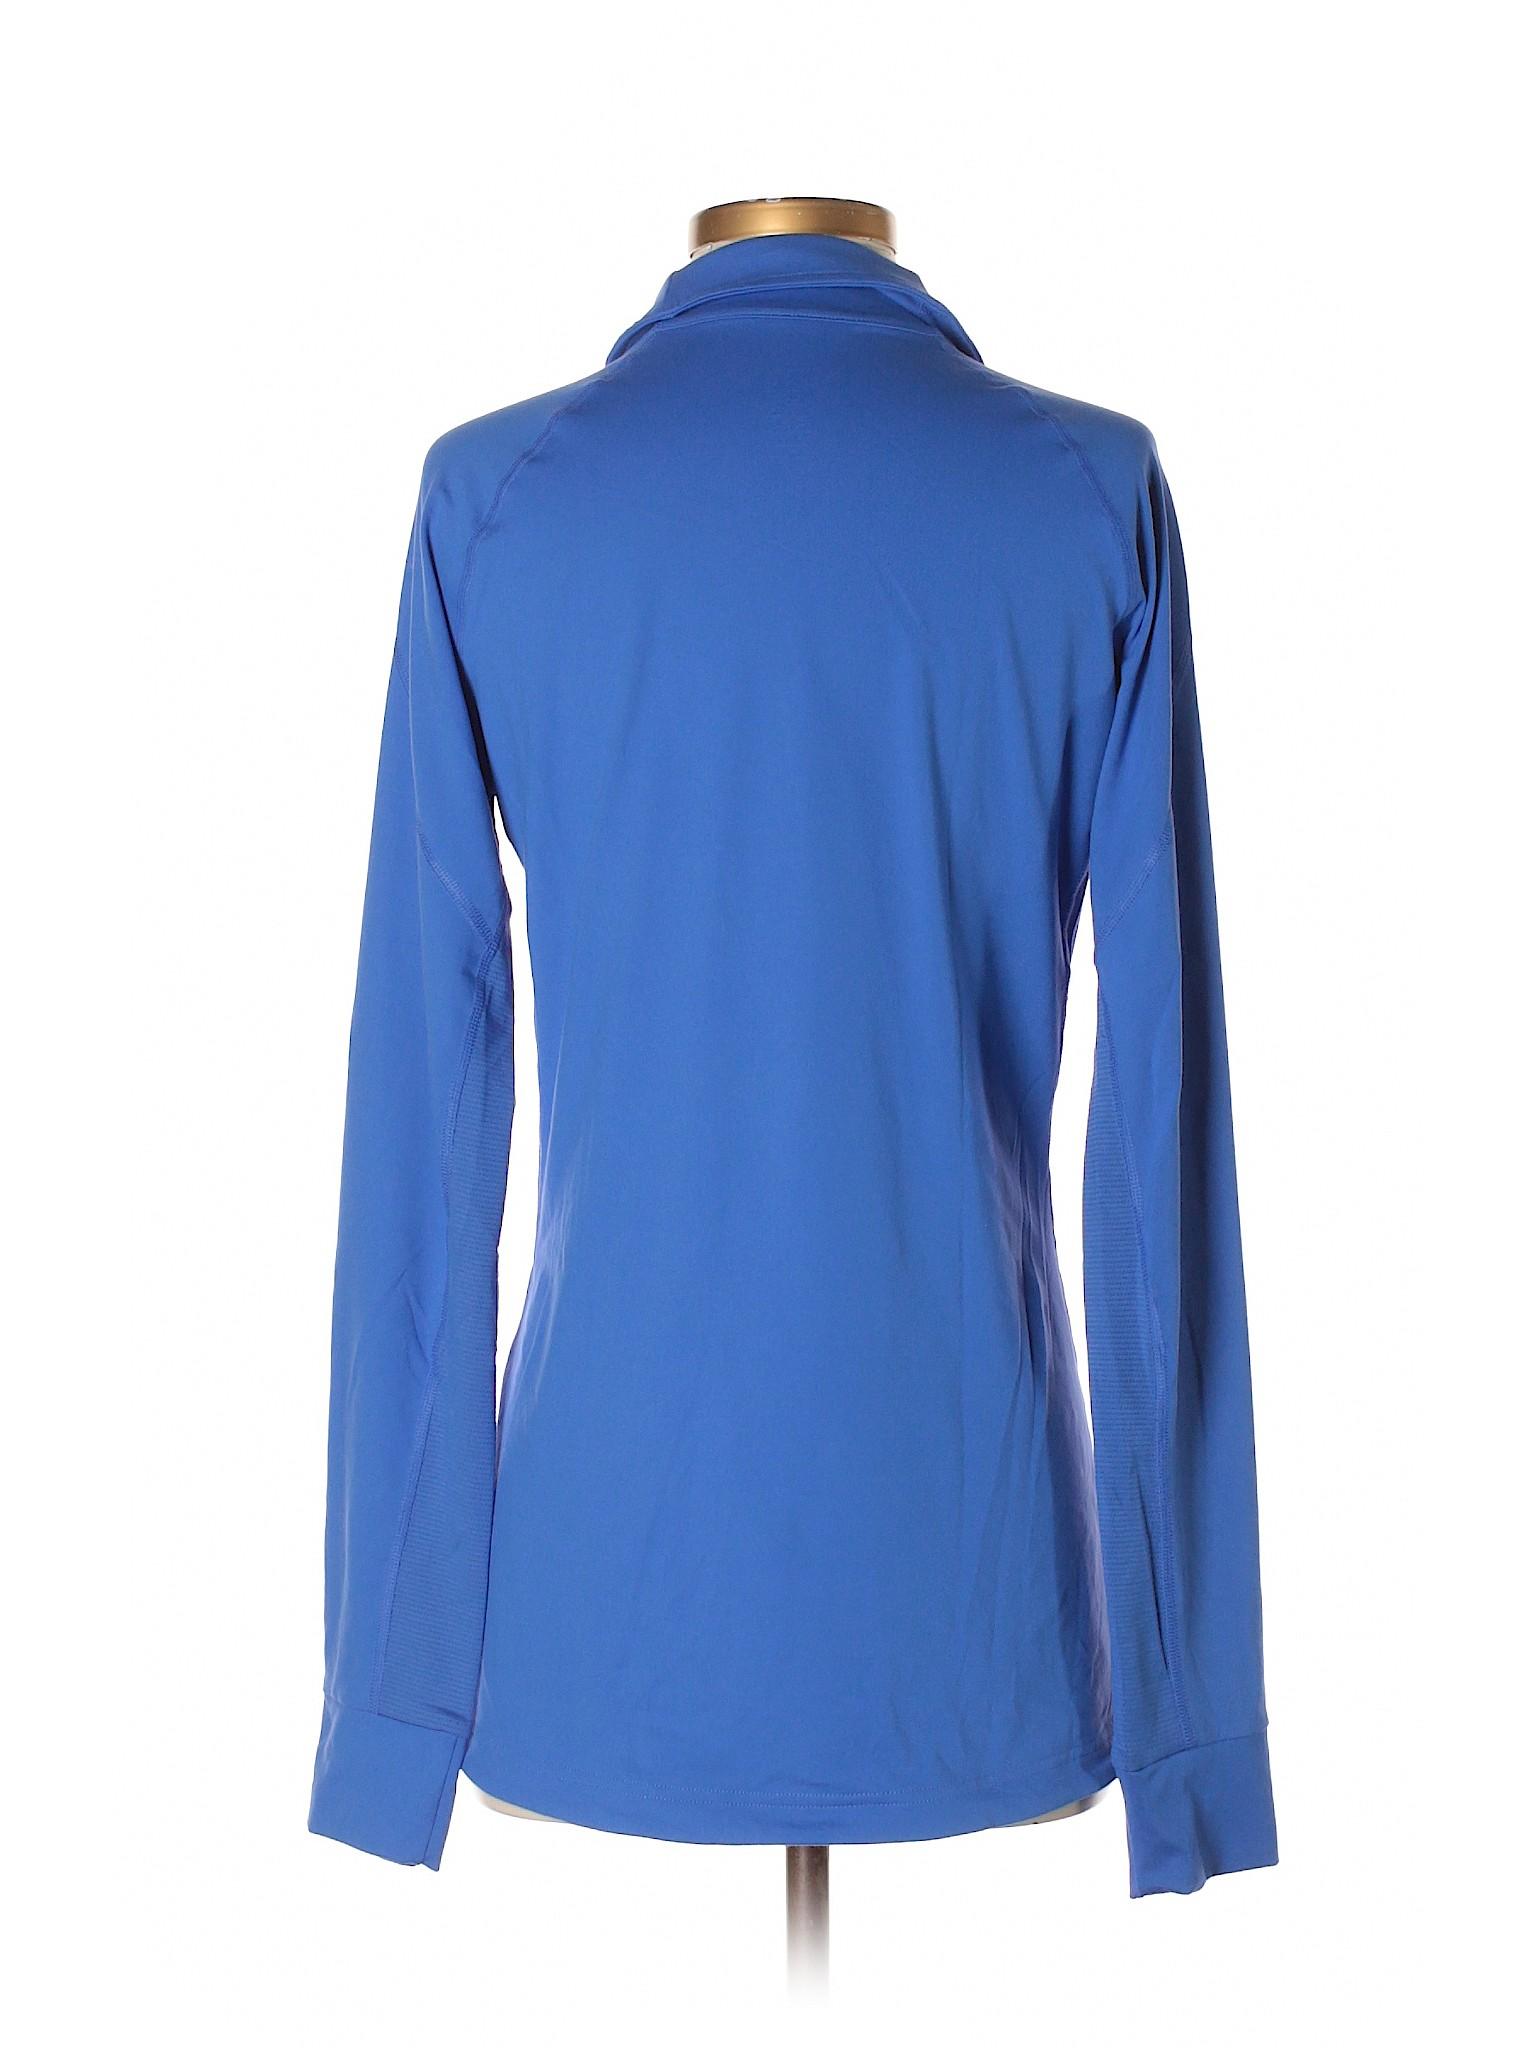 Boutique Track leisure Boutique Jacket Adidas leisure Adidas Jacket Track Boutique leisure q6xn1ZP